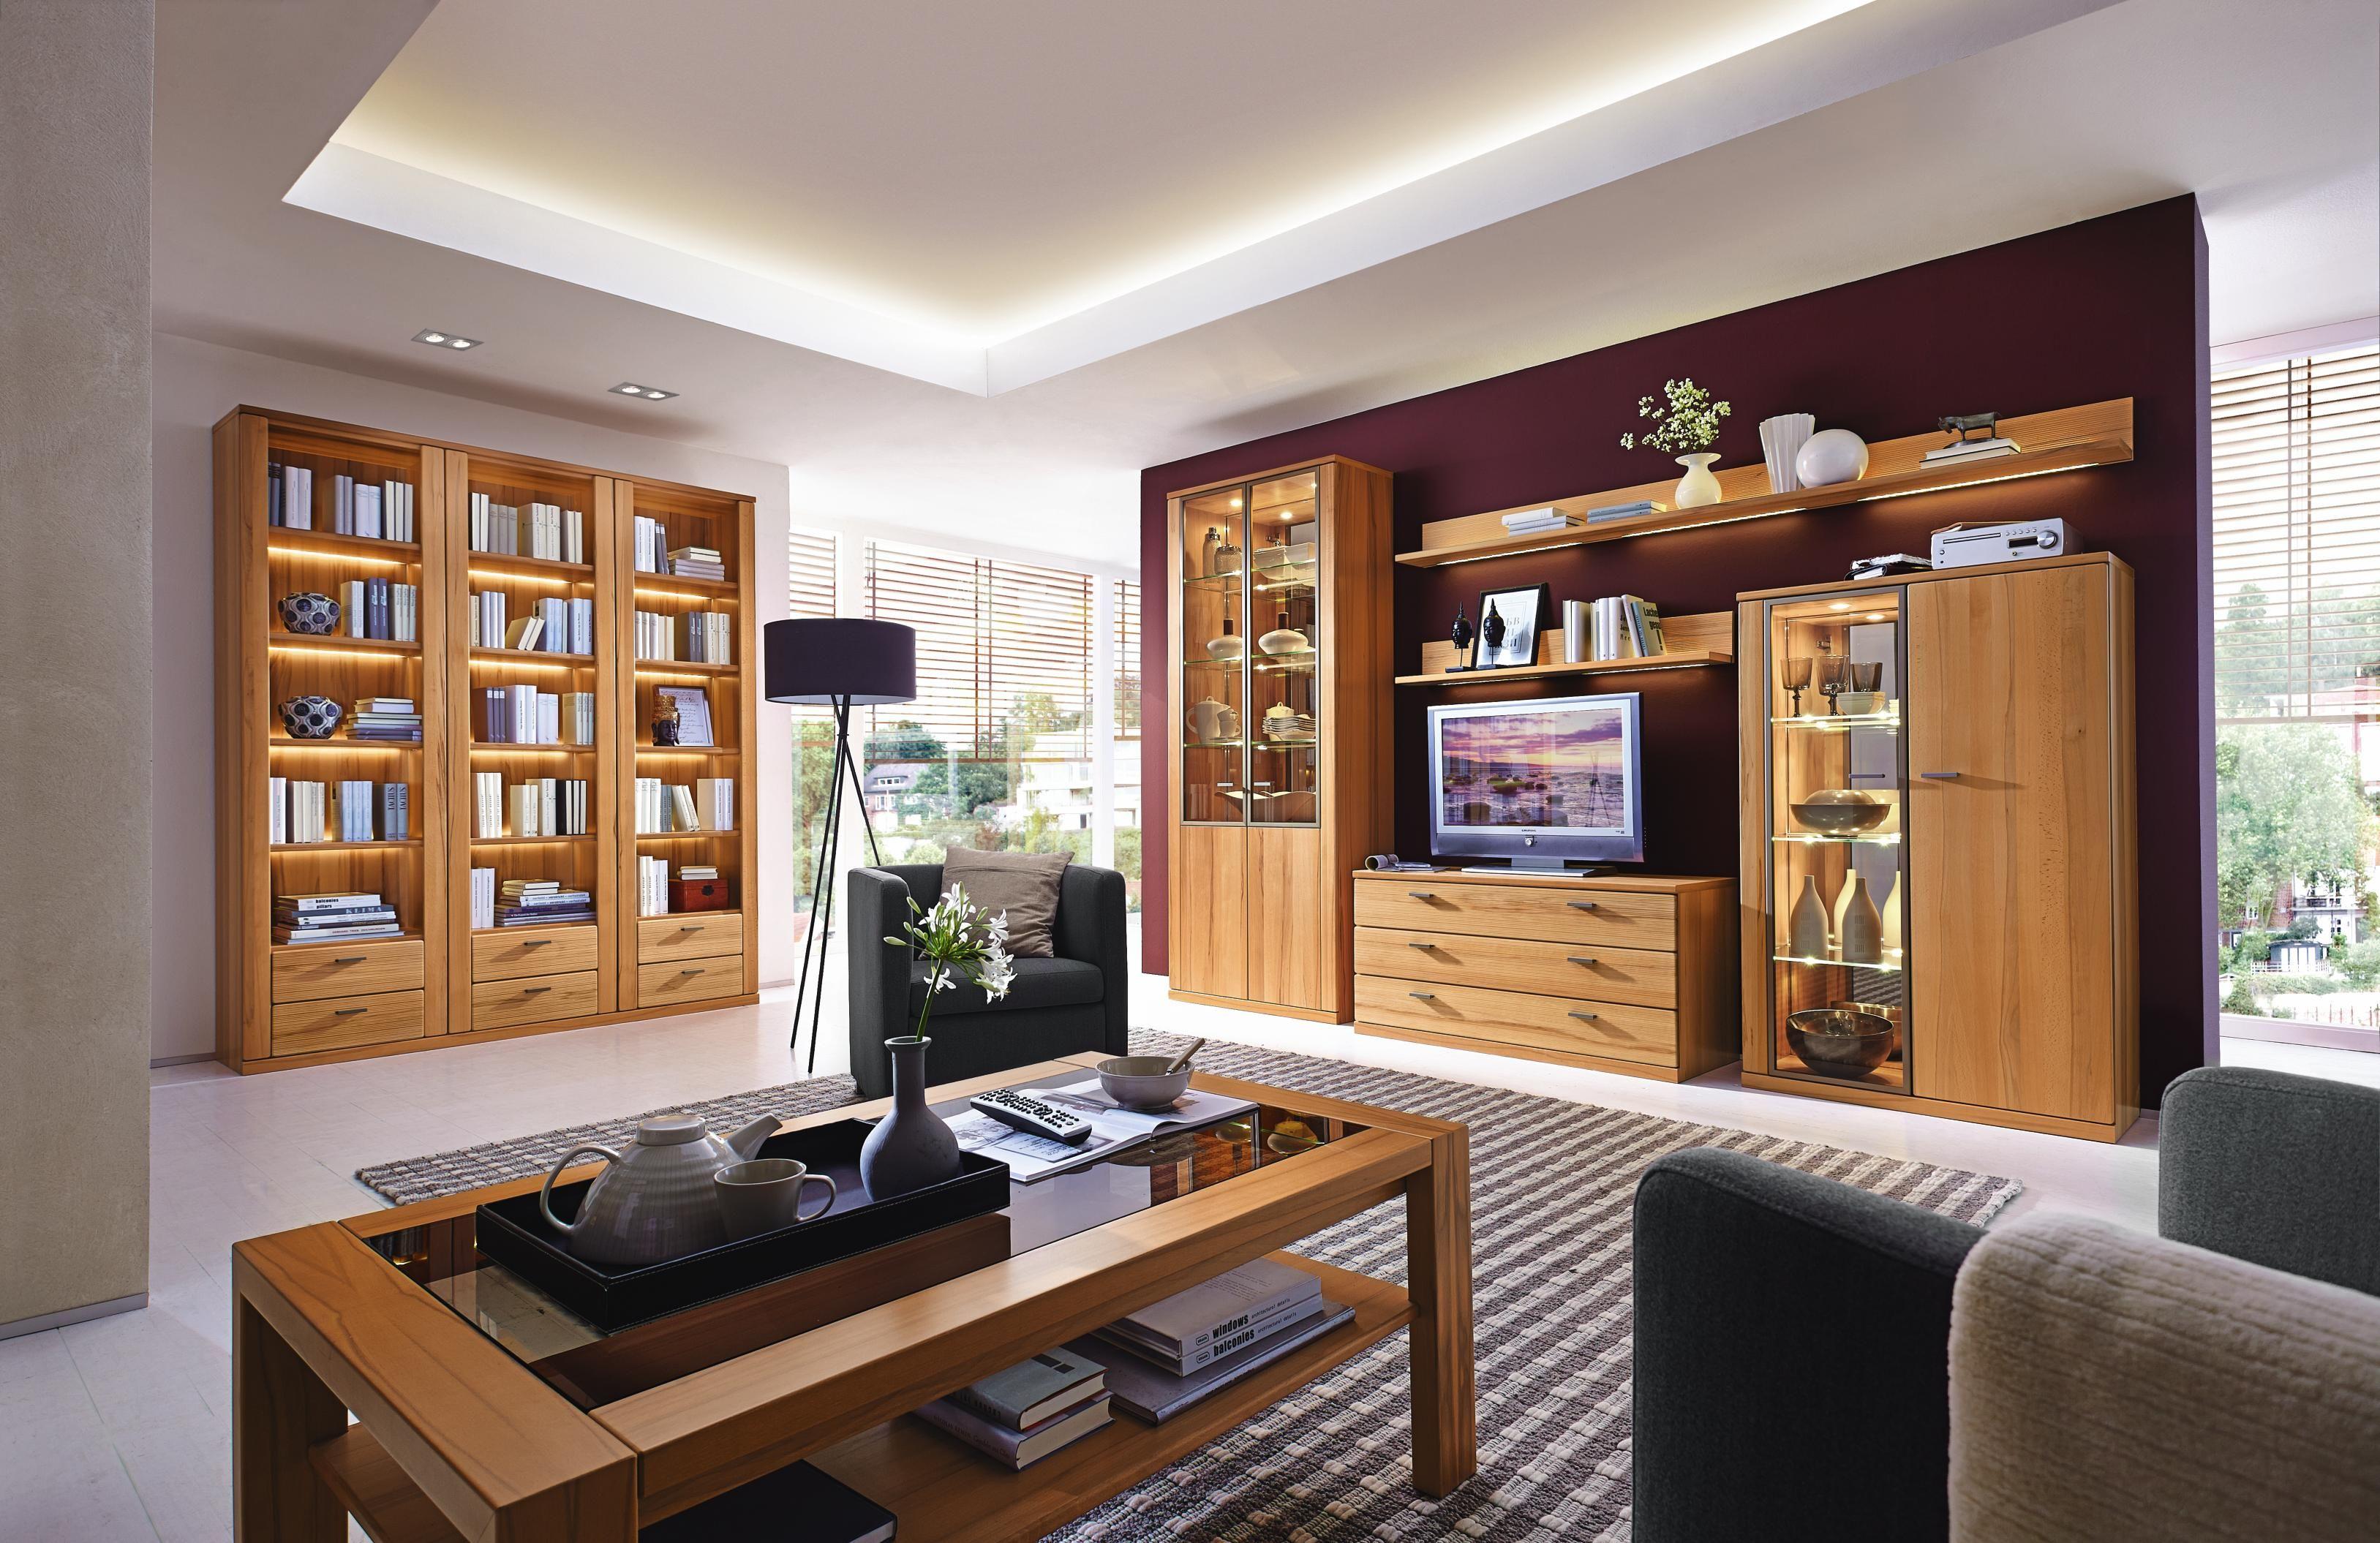 Stilvolle Wohnwand Von Invivus Eichenholz Schmuckt Ihr Zuhause Wohnen Wohnzimmermobel Haus